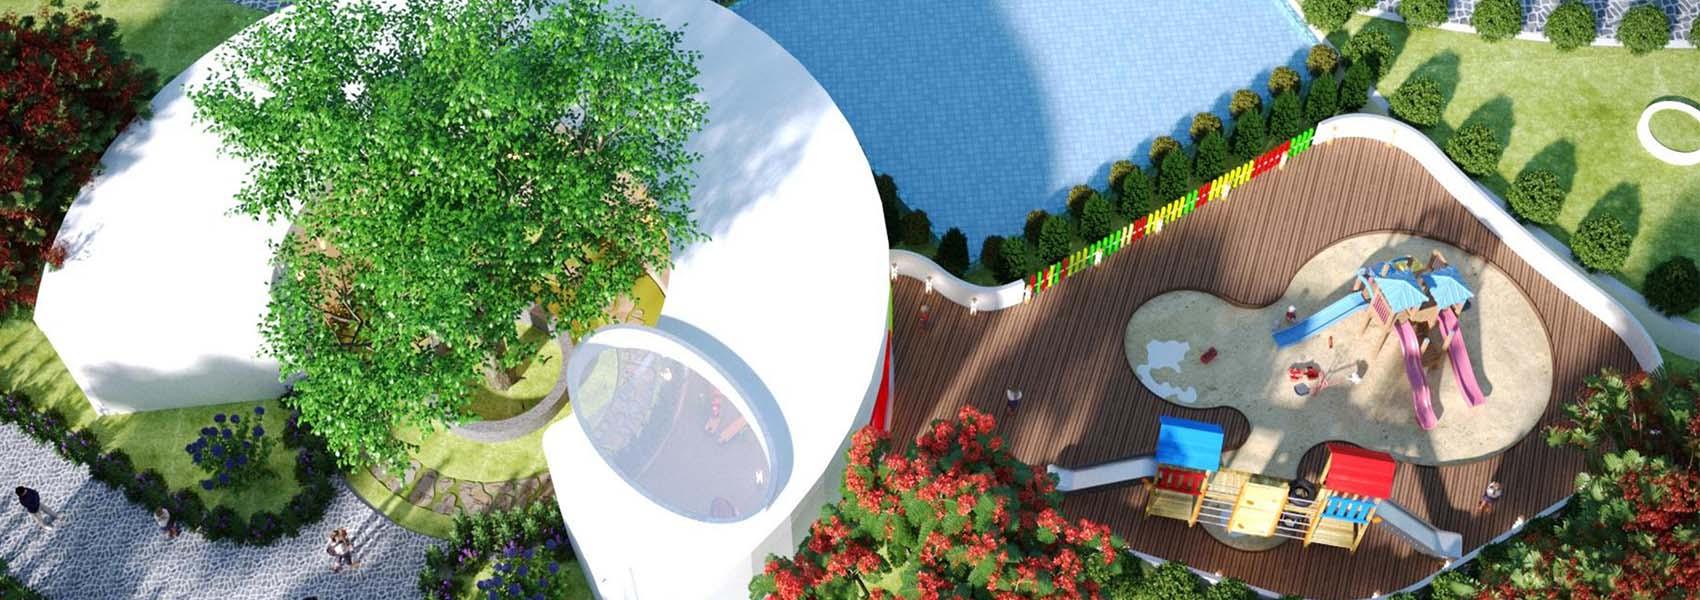 vị trí địa chỉ dự án condotel biệt thự the pearl cam ranh